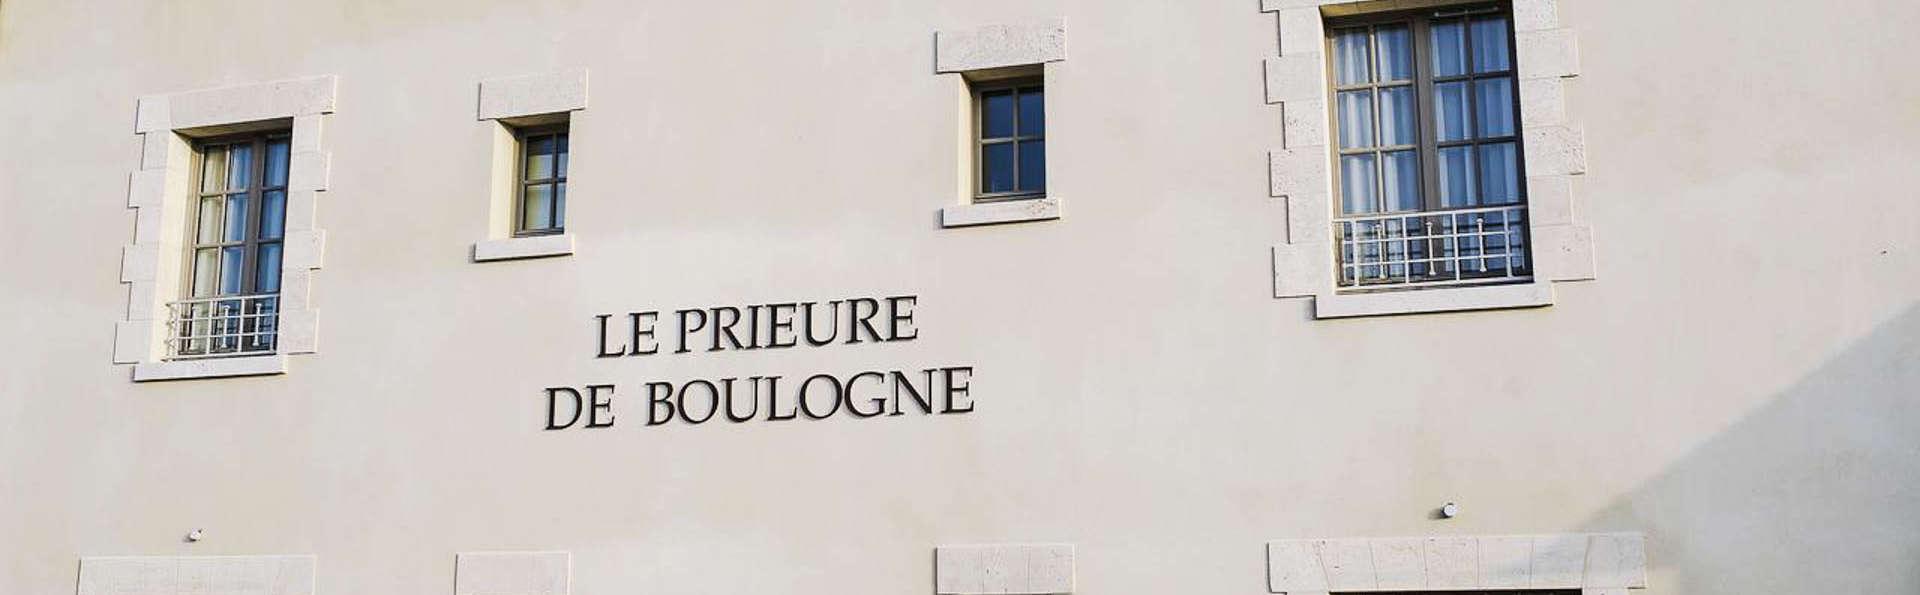 Le Prieuré de Boulogne - EDIT_FRONT2.jpg